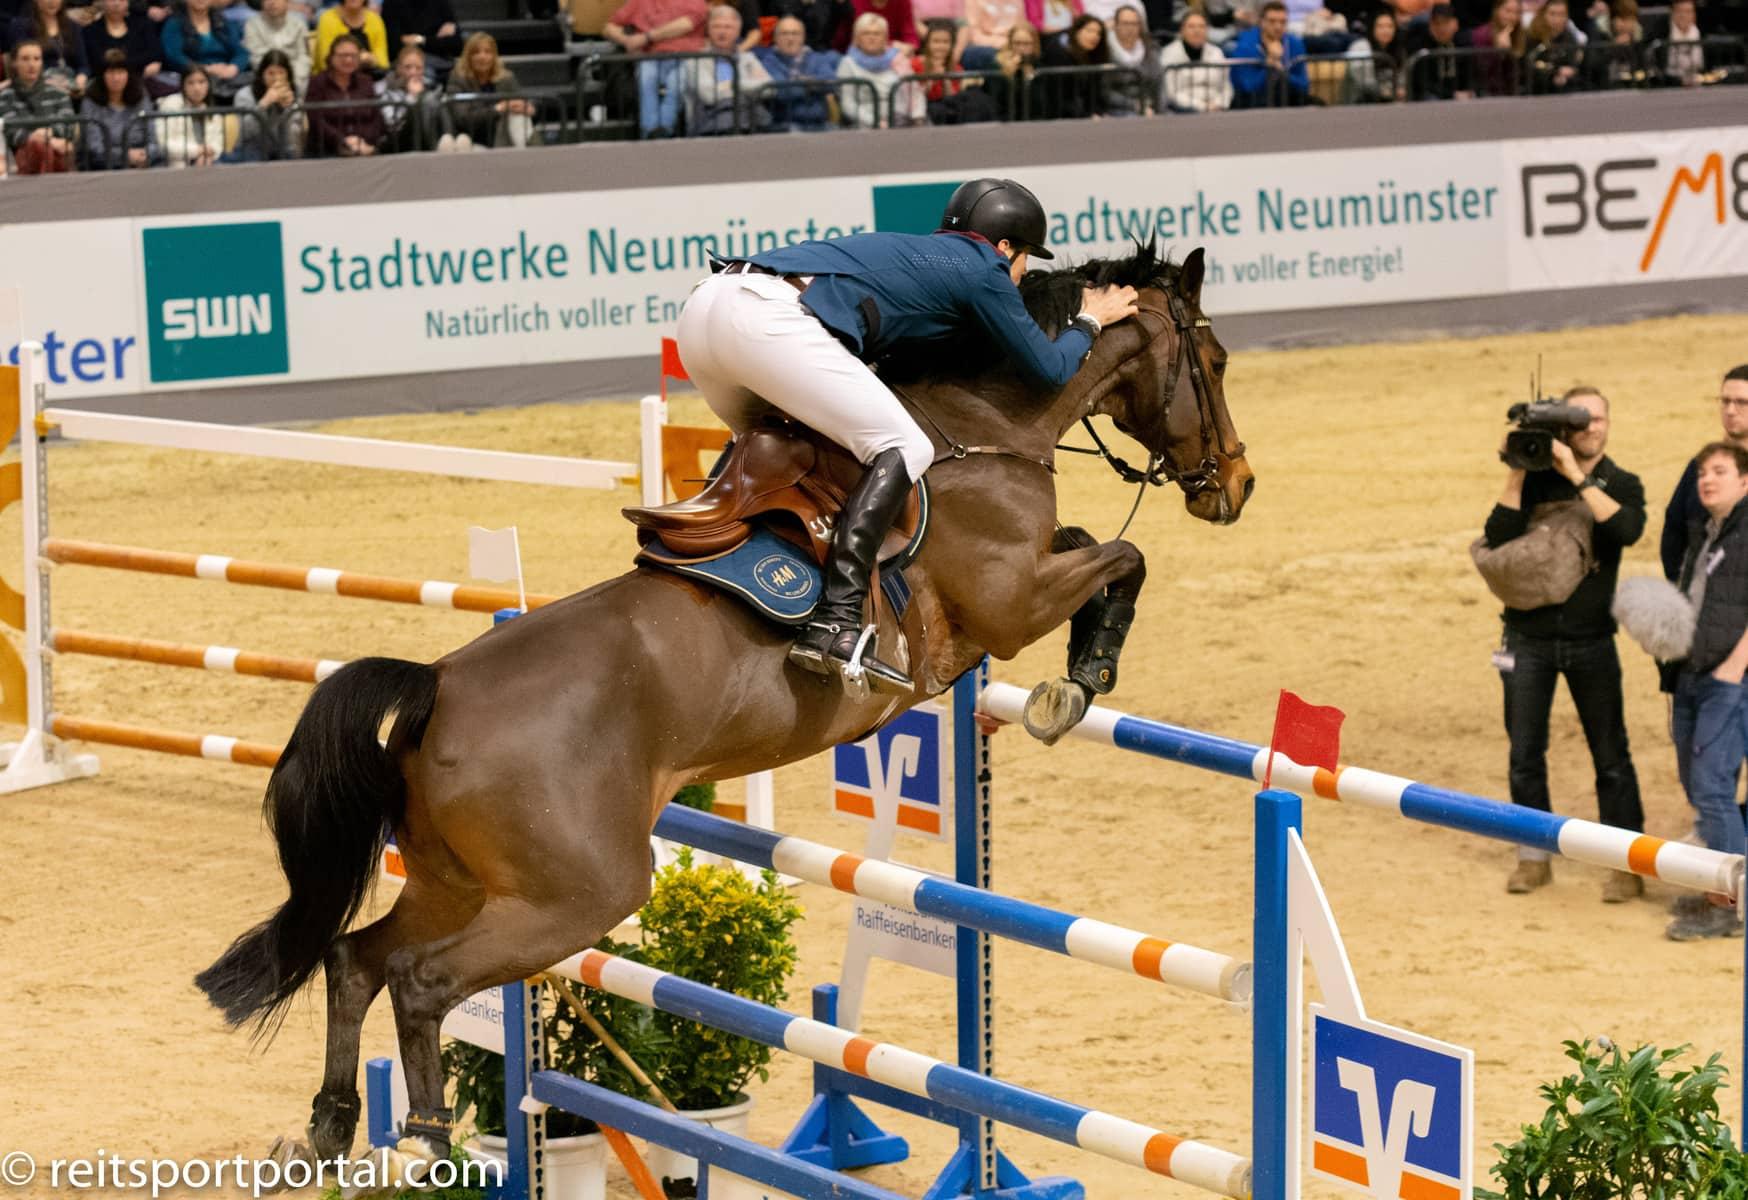 Der Sieger im  Großen  Preis von Neumünster kommt aus Schweden – Peder Fredricson